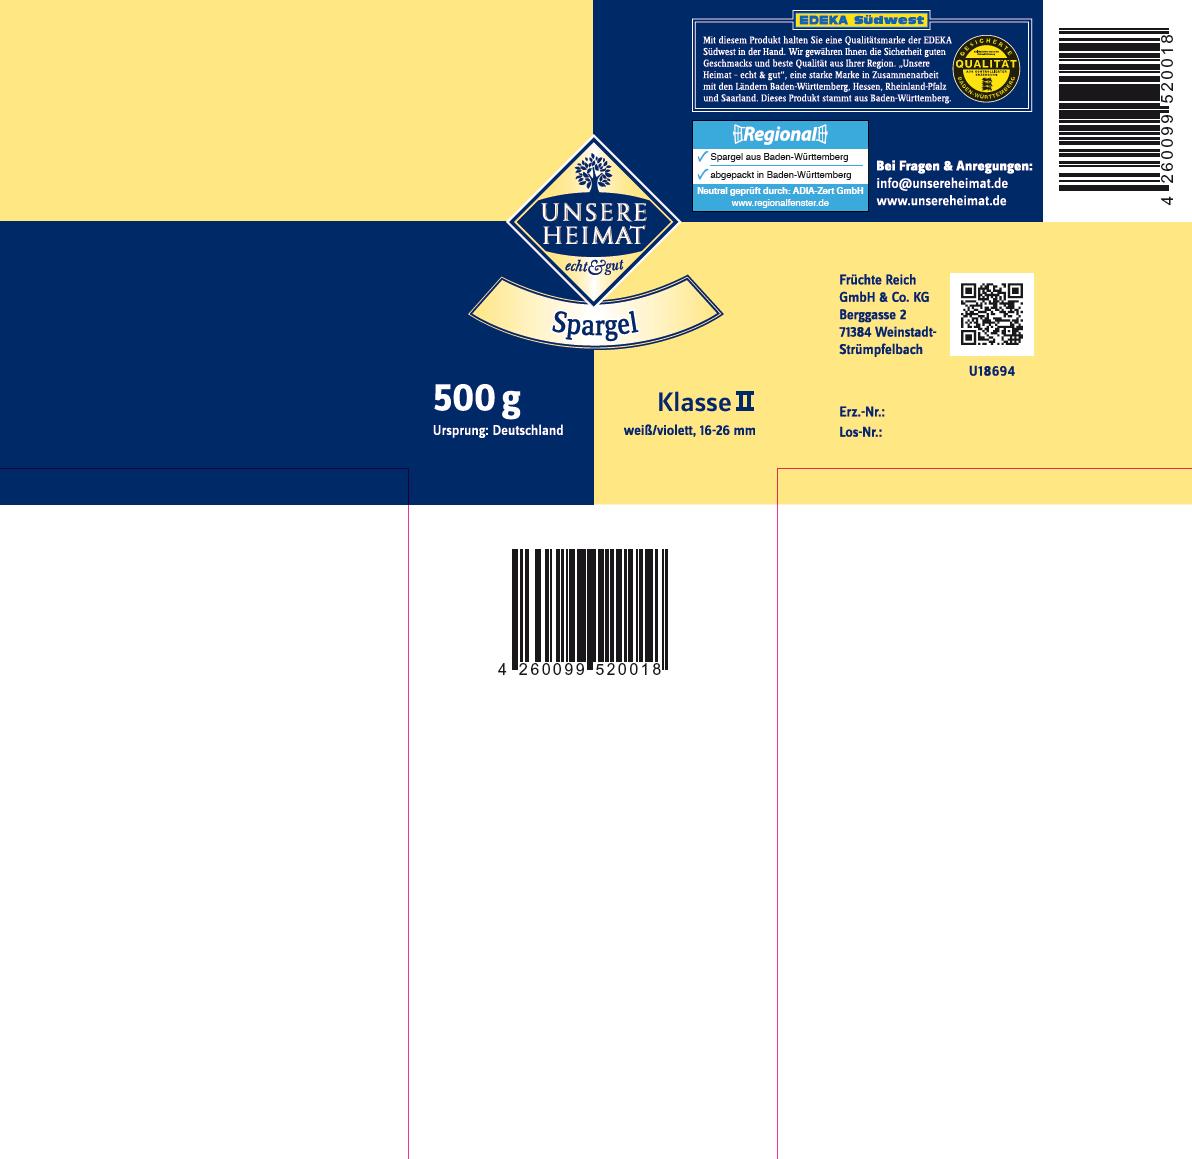 Spargelbanderole Früchte Reich- UNSERE HEIMAT - 500 g